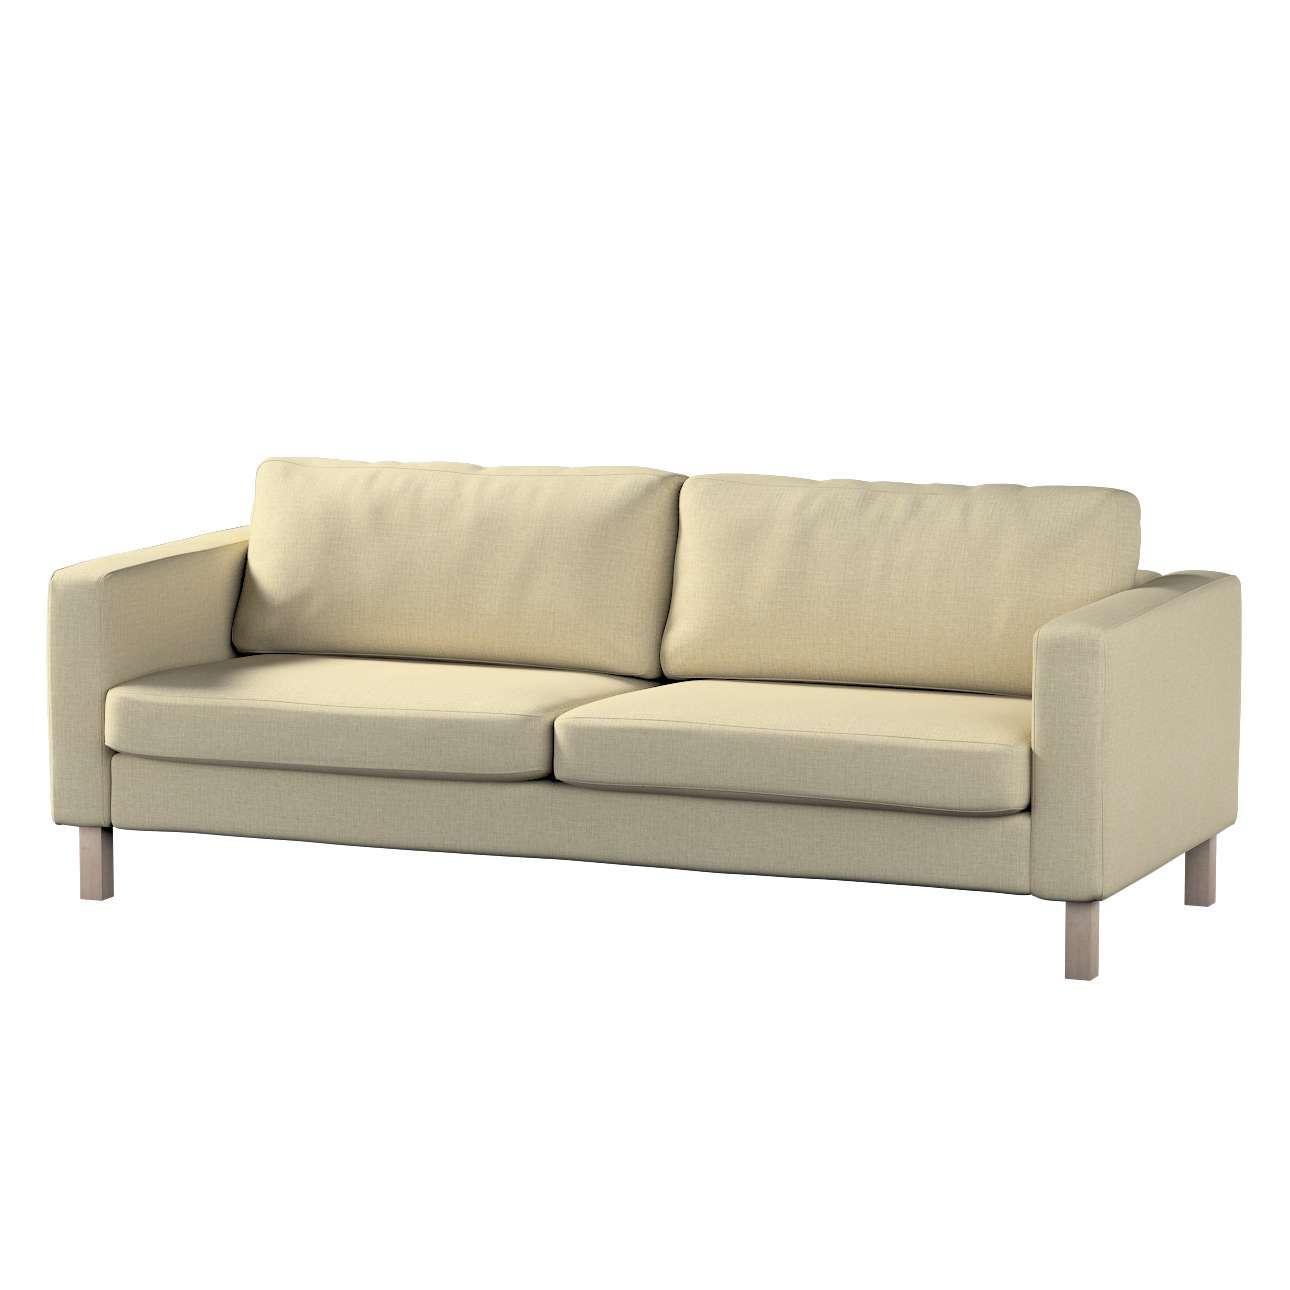 Pokrowiec na sofę Karlstad rozkładaną w kolekcji Living, tkanina: 161-45